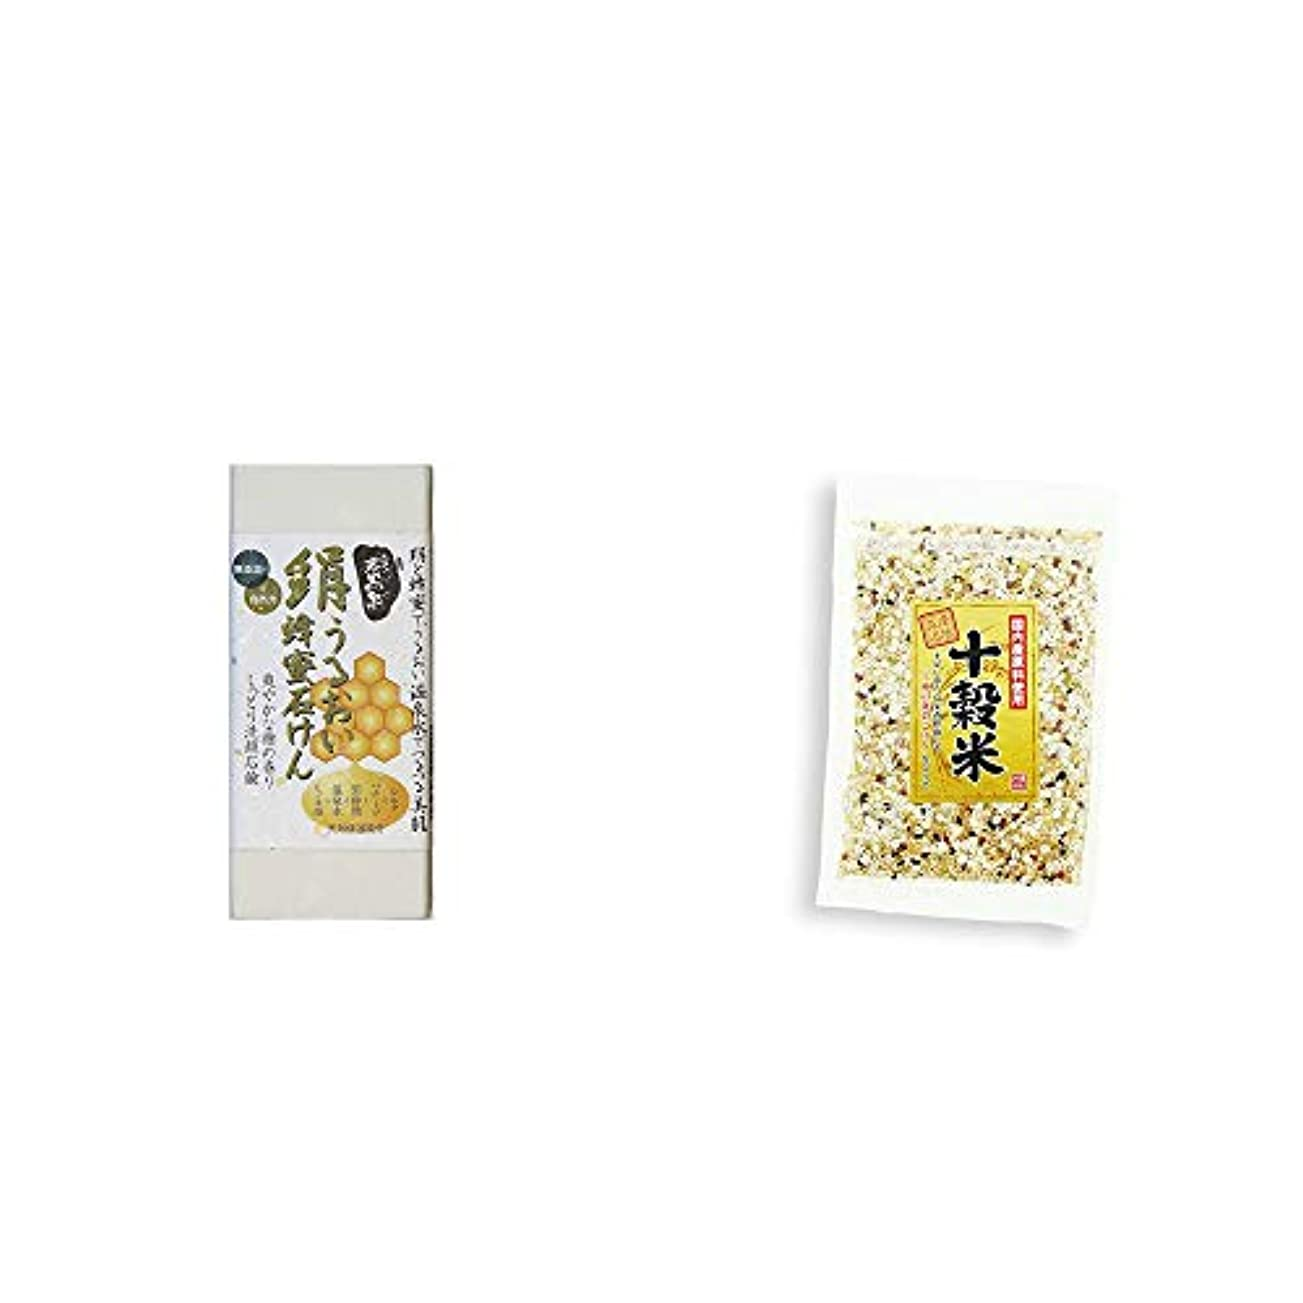 ウェイド反乱現金[2点セット] ひのき炭黒泉 絹うるおい蜂蜜石けん(75g×2)?国産原料使用 十穀米(300g)